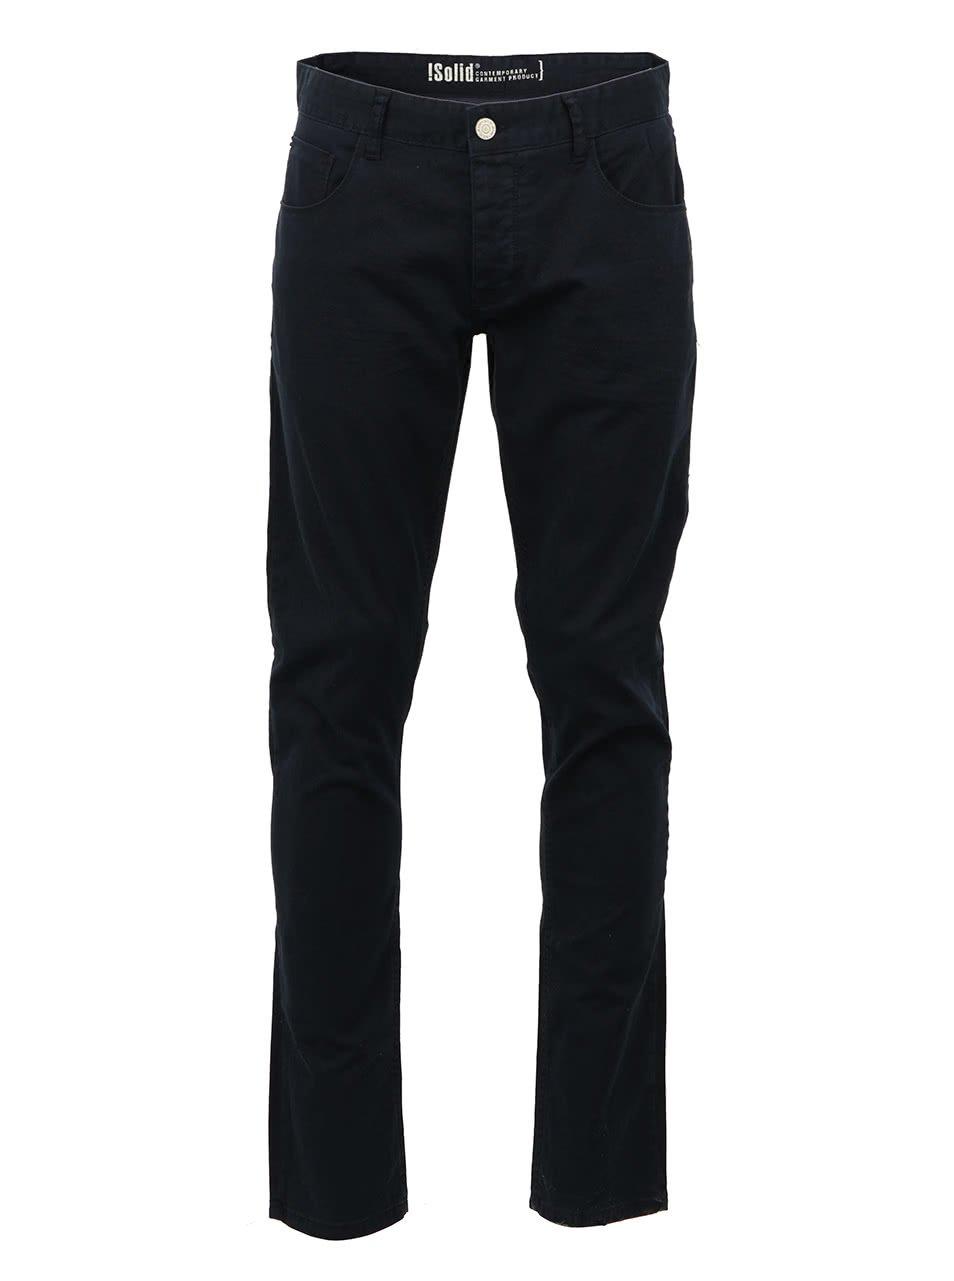 Tmavě modré kalhoty !Solid Joy